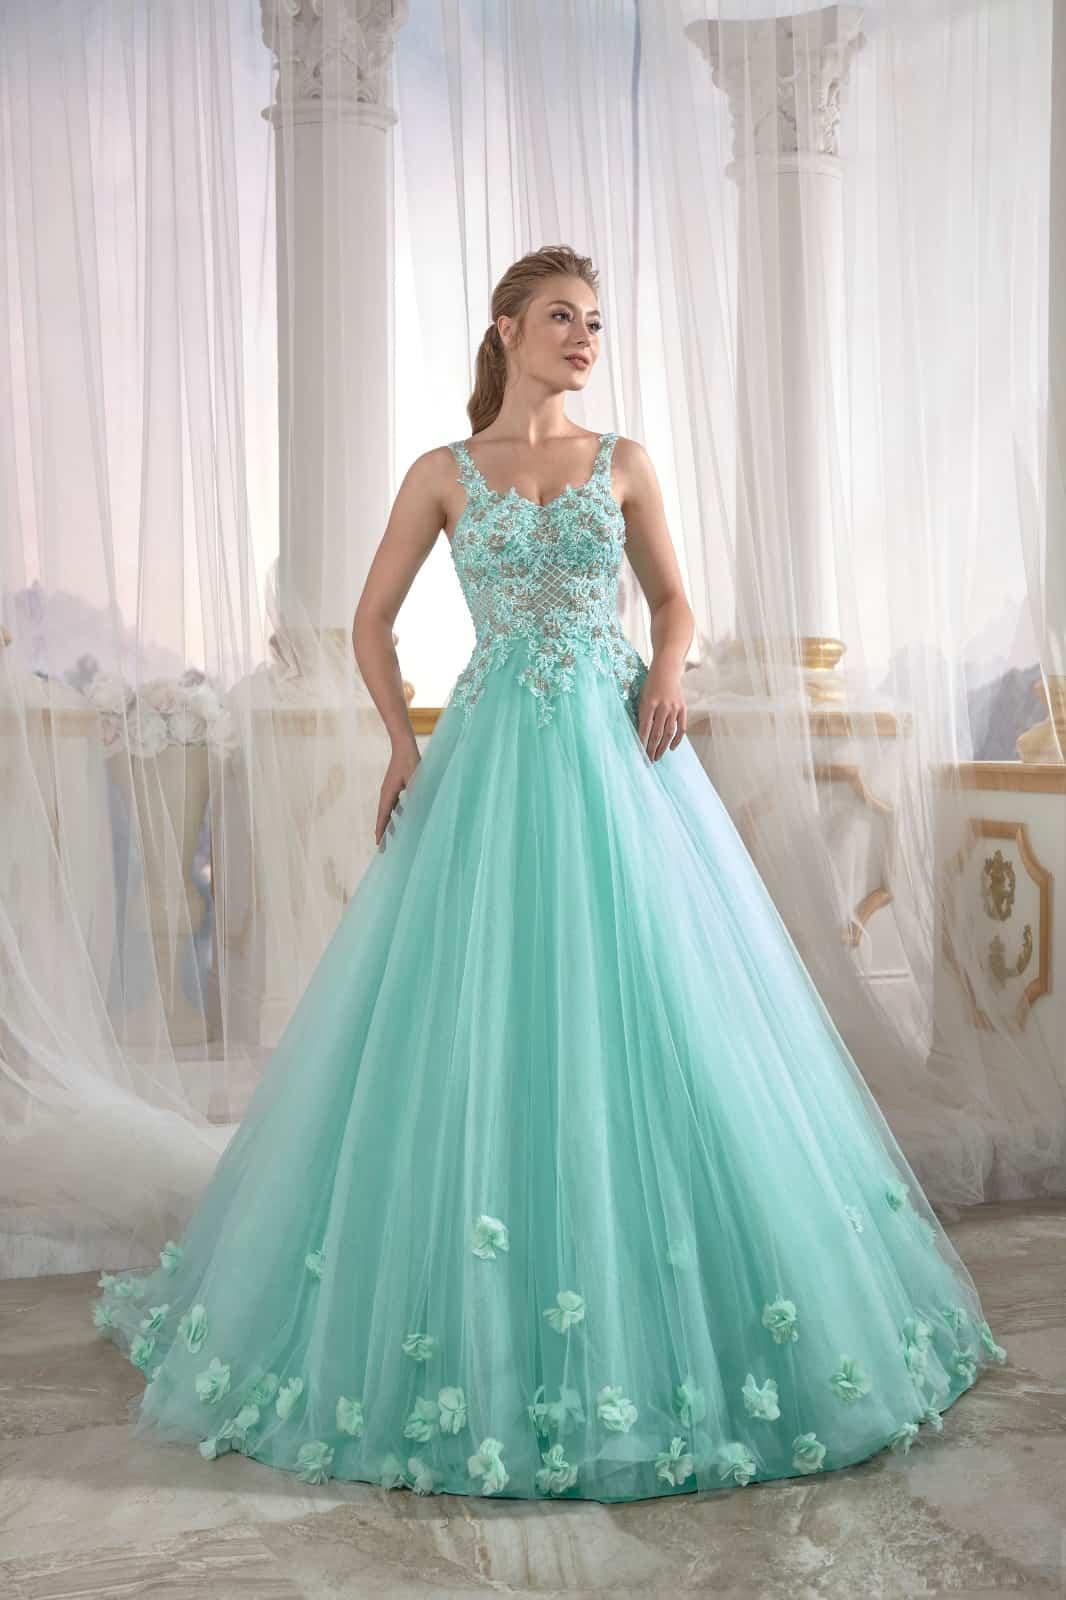 Eau De Nil Tulle Engagement Dress Pleated Open Back Embellished Top Detail  Cold Shoulder